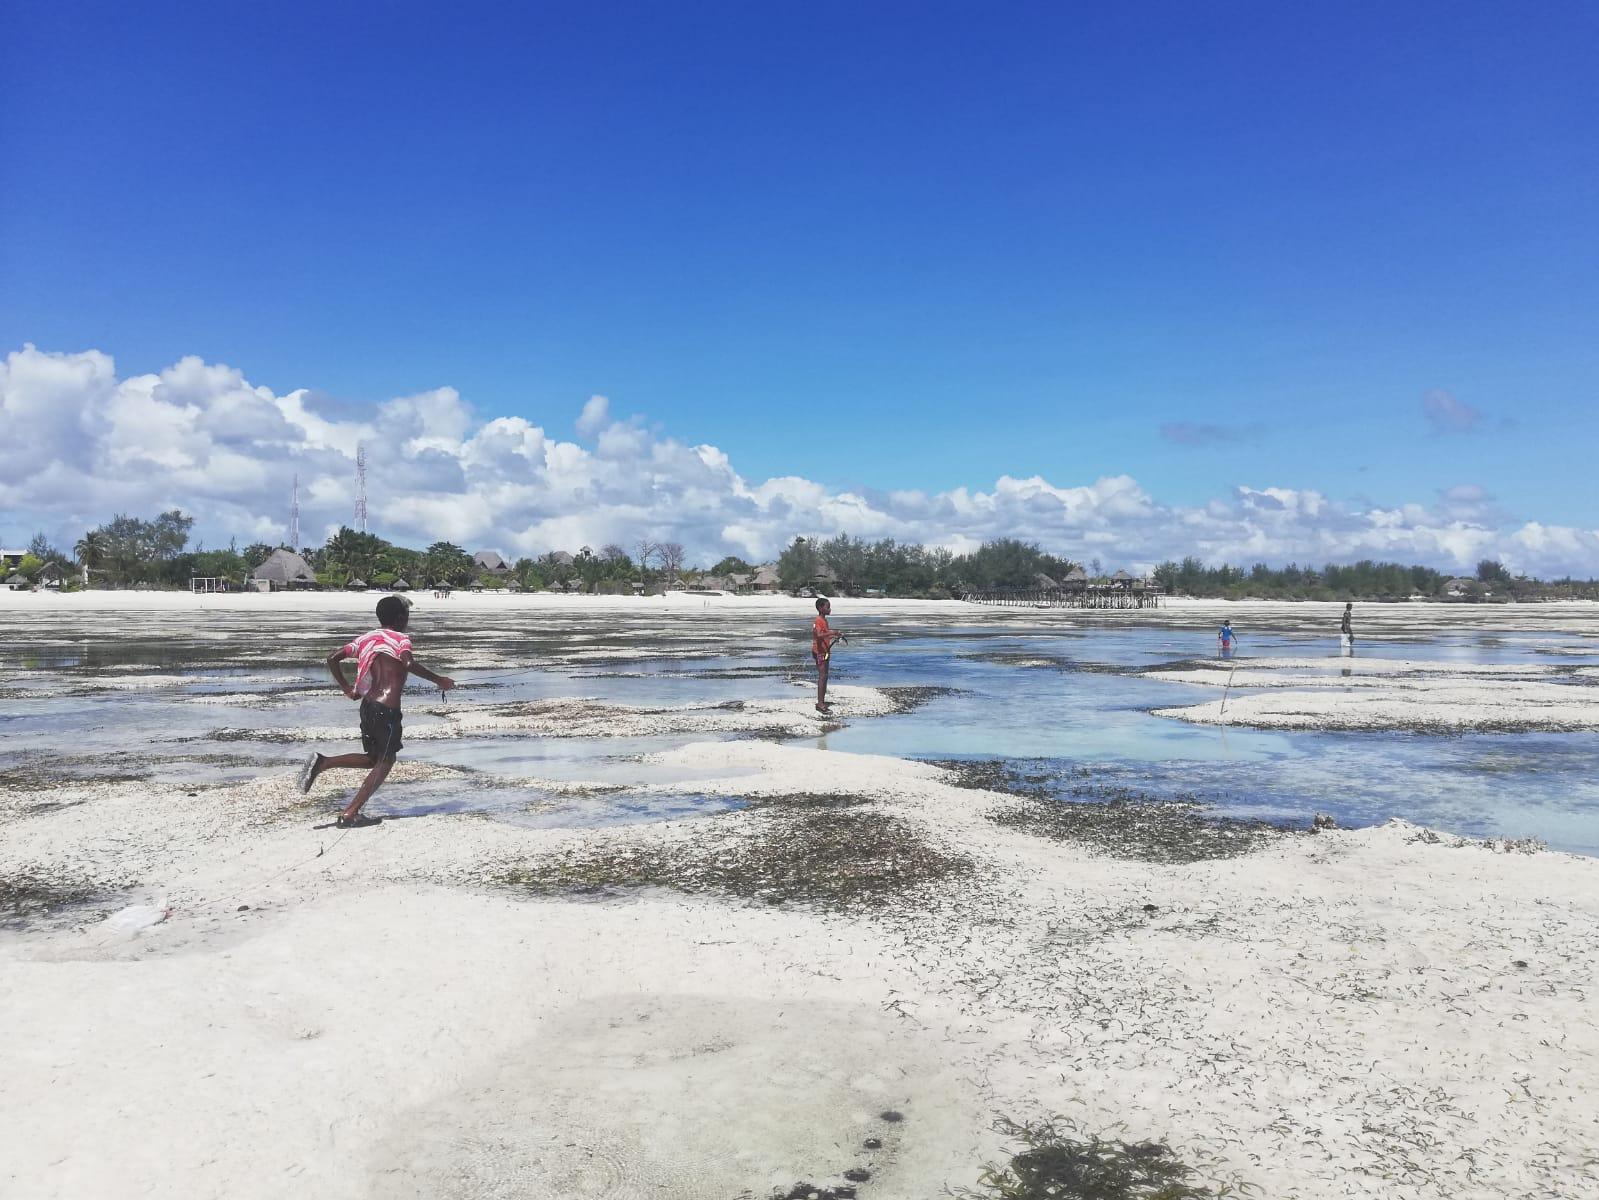 10 cose da fare a Zanzibar - passeggiata con la bassa marea